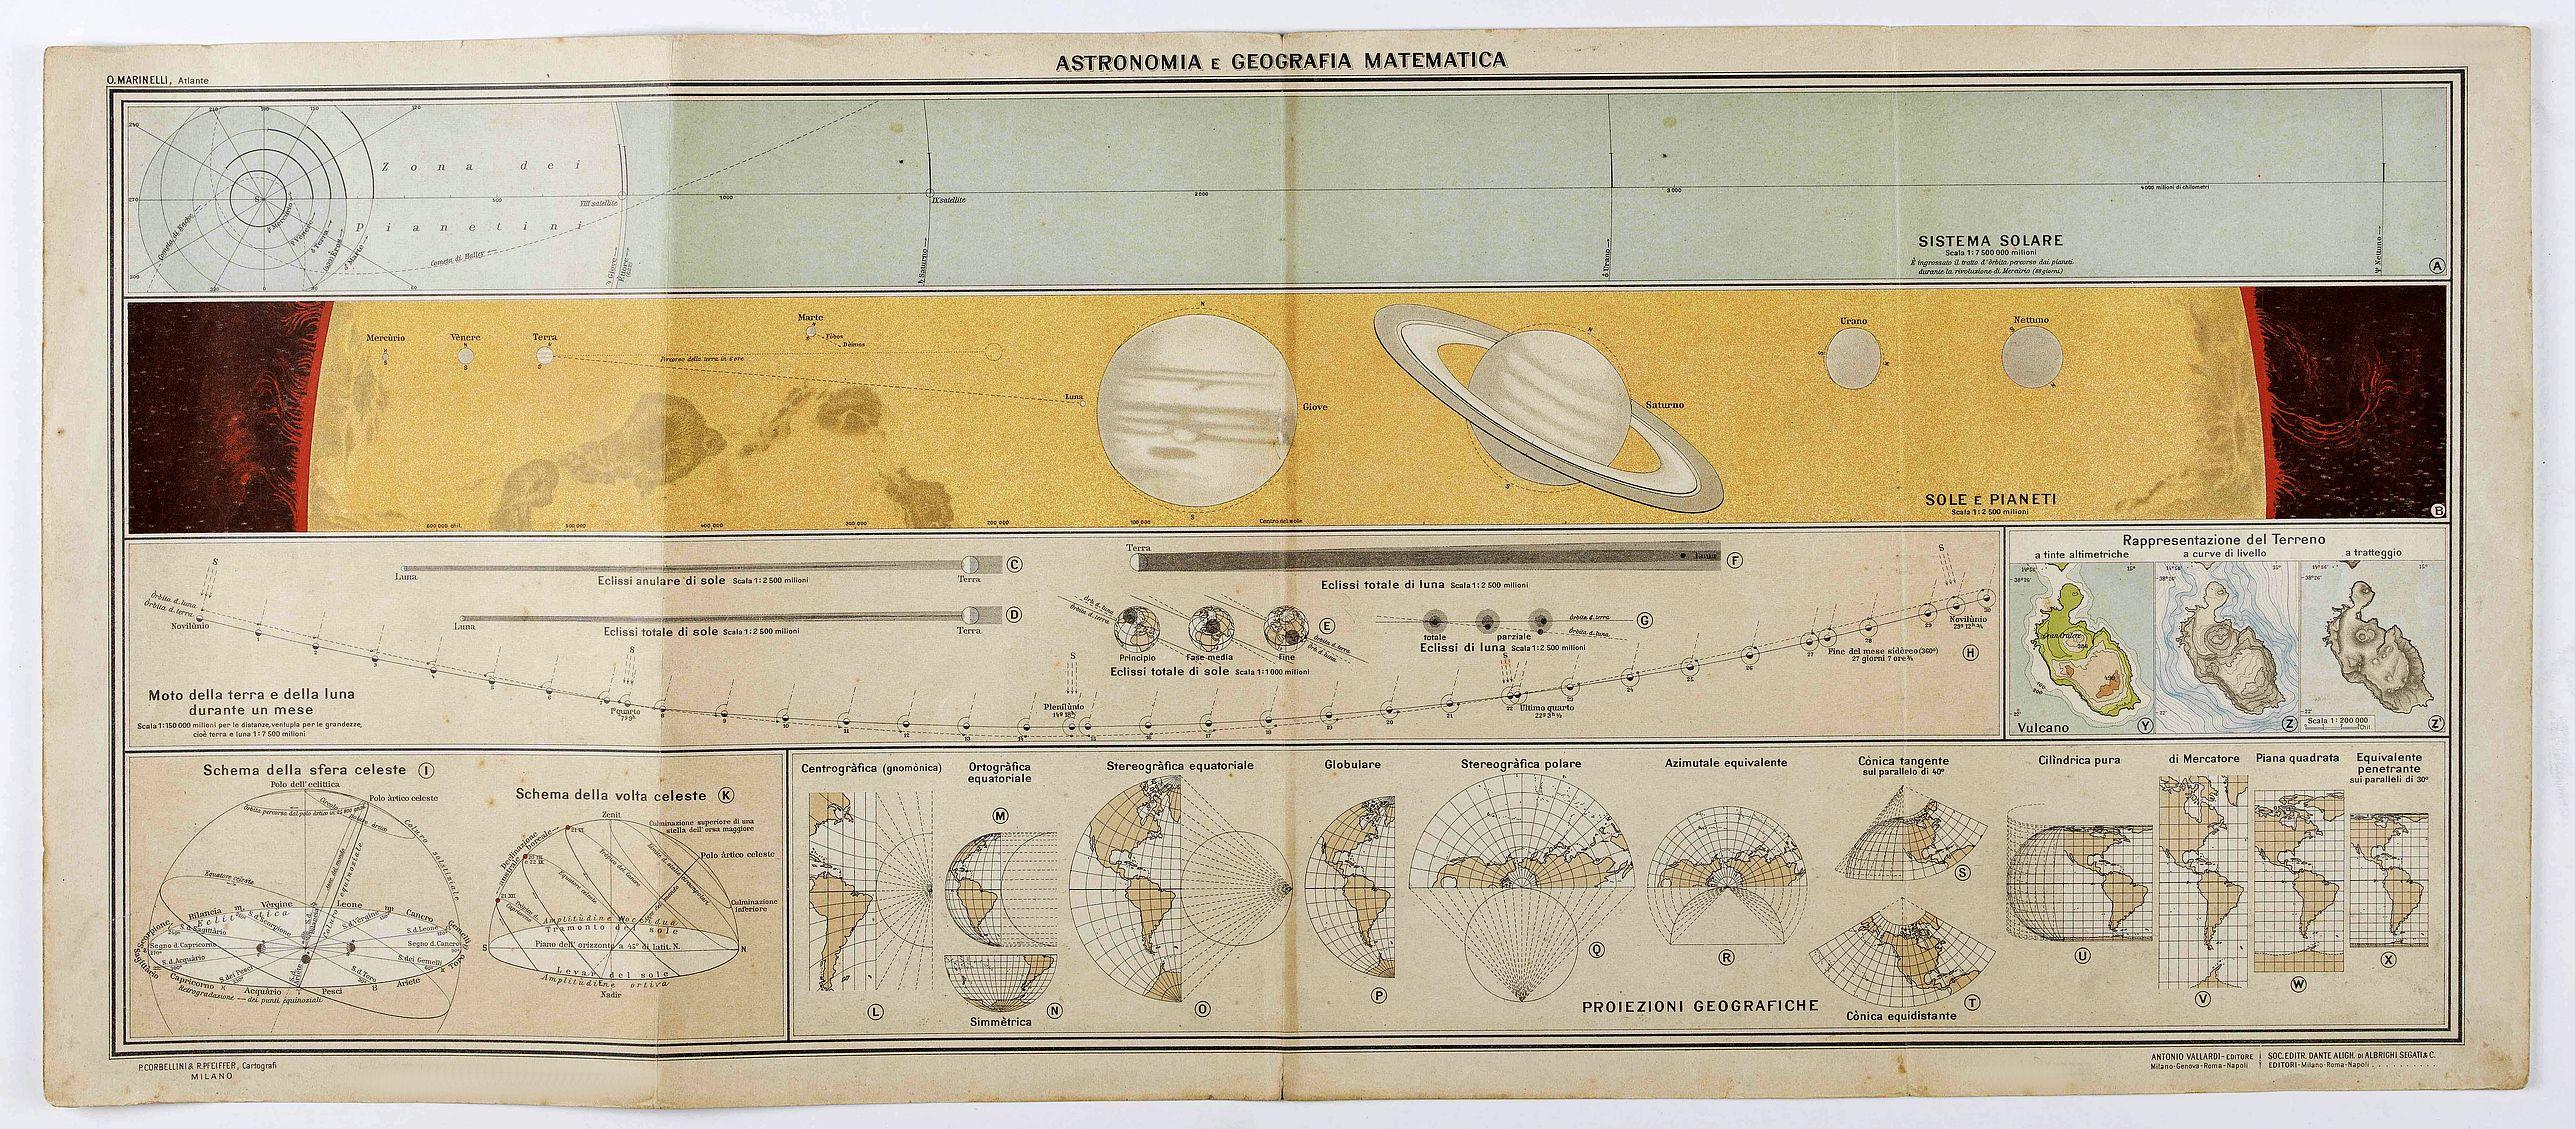 VALLARDI, A. - Astronomia e Geografia Matematica